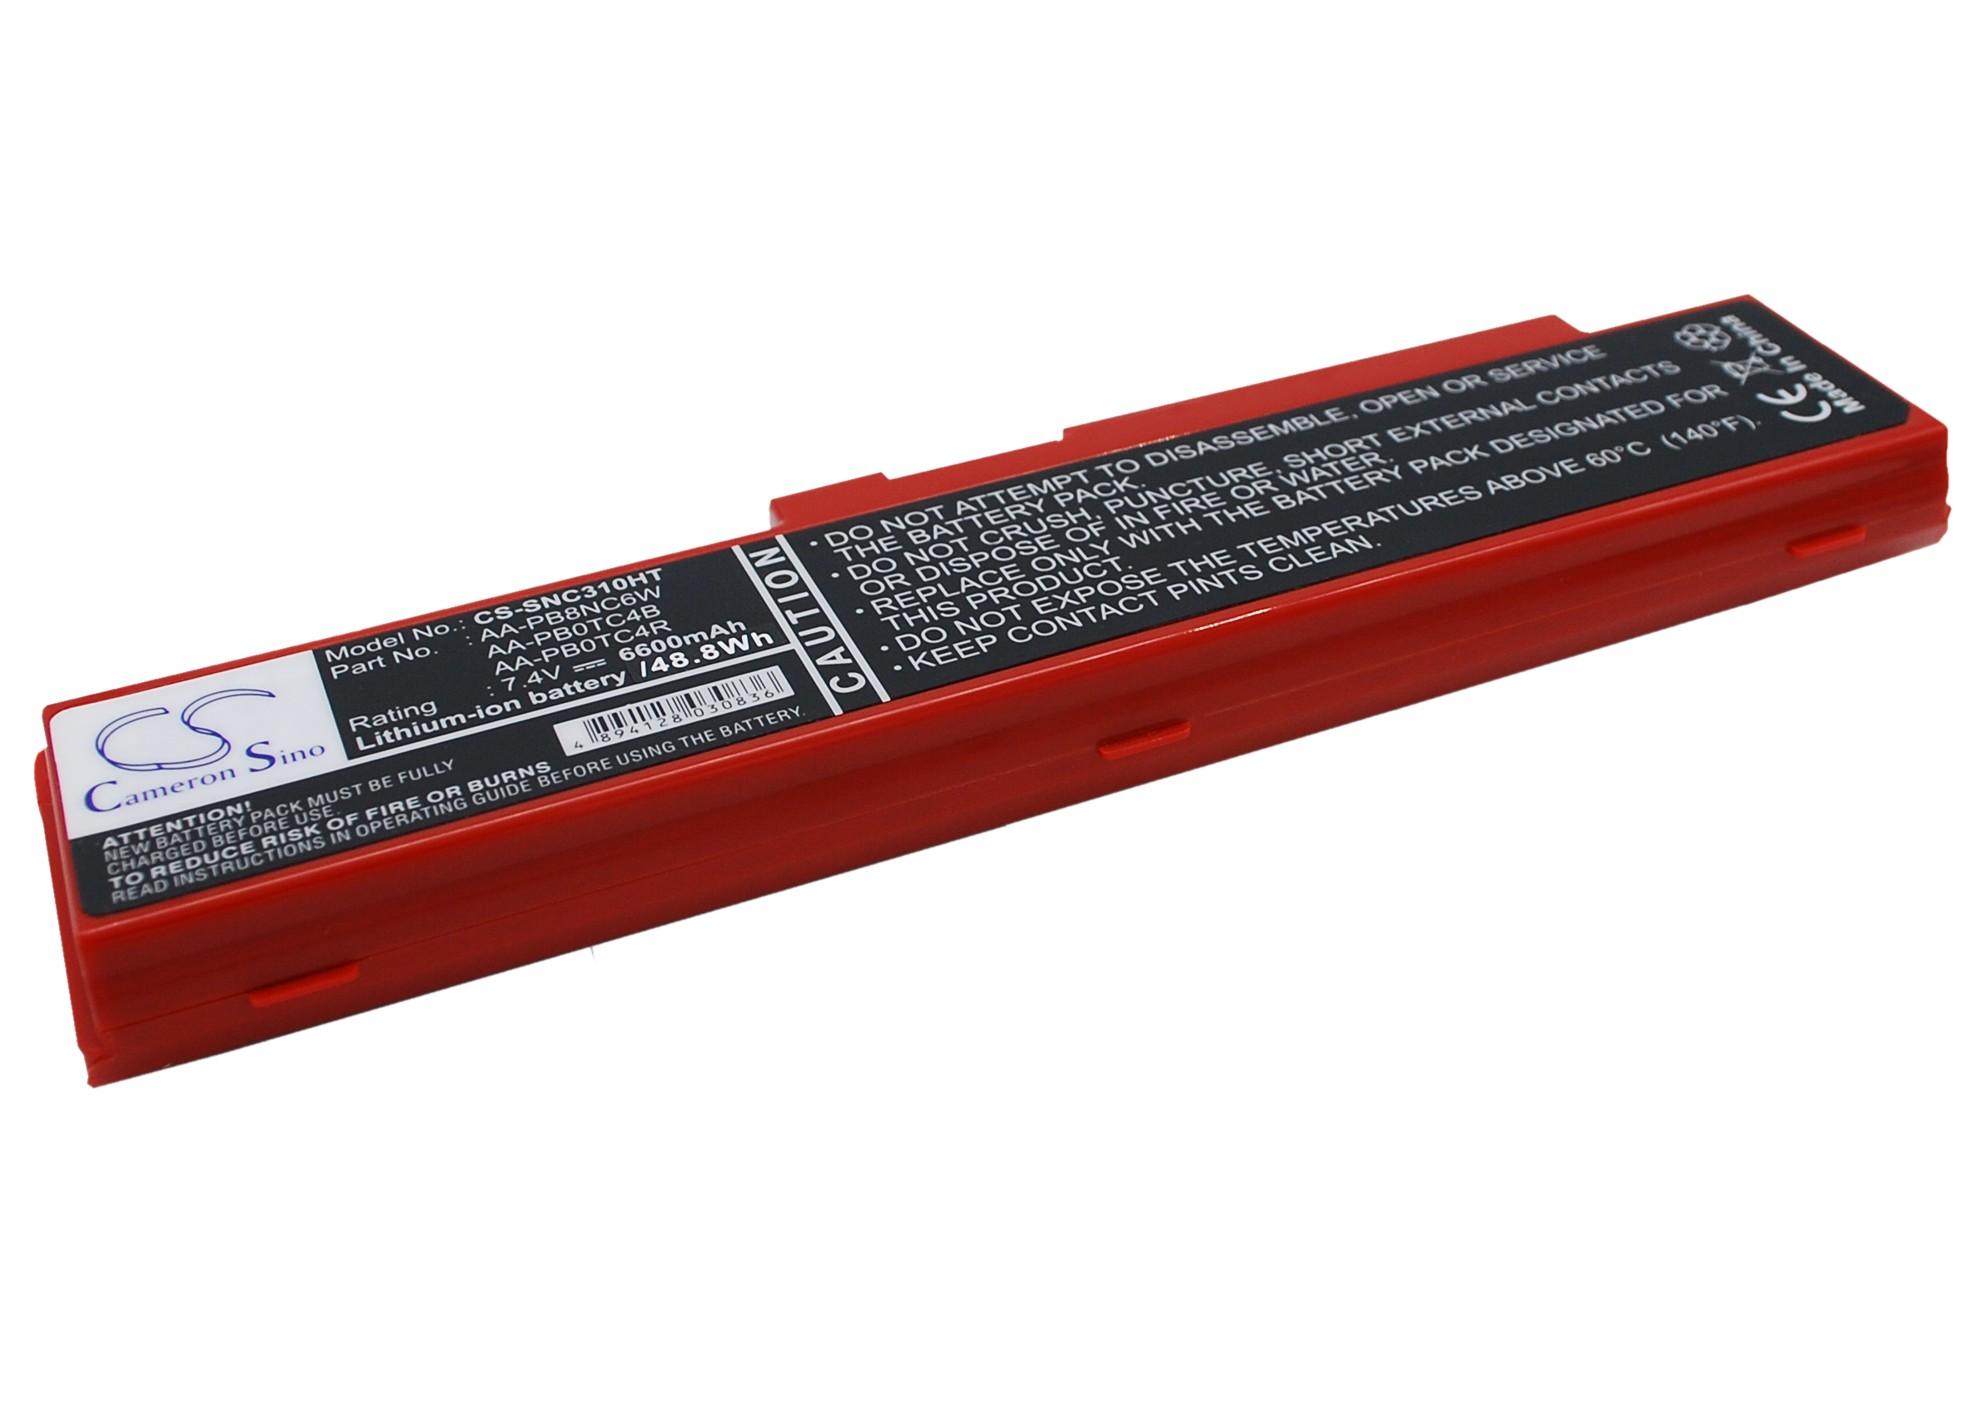 Cameron Sino baterie do netbooků pro SAMSUNG NP-X120-FA02 7.4V Li-ion 6600mAh červená - neoriginální